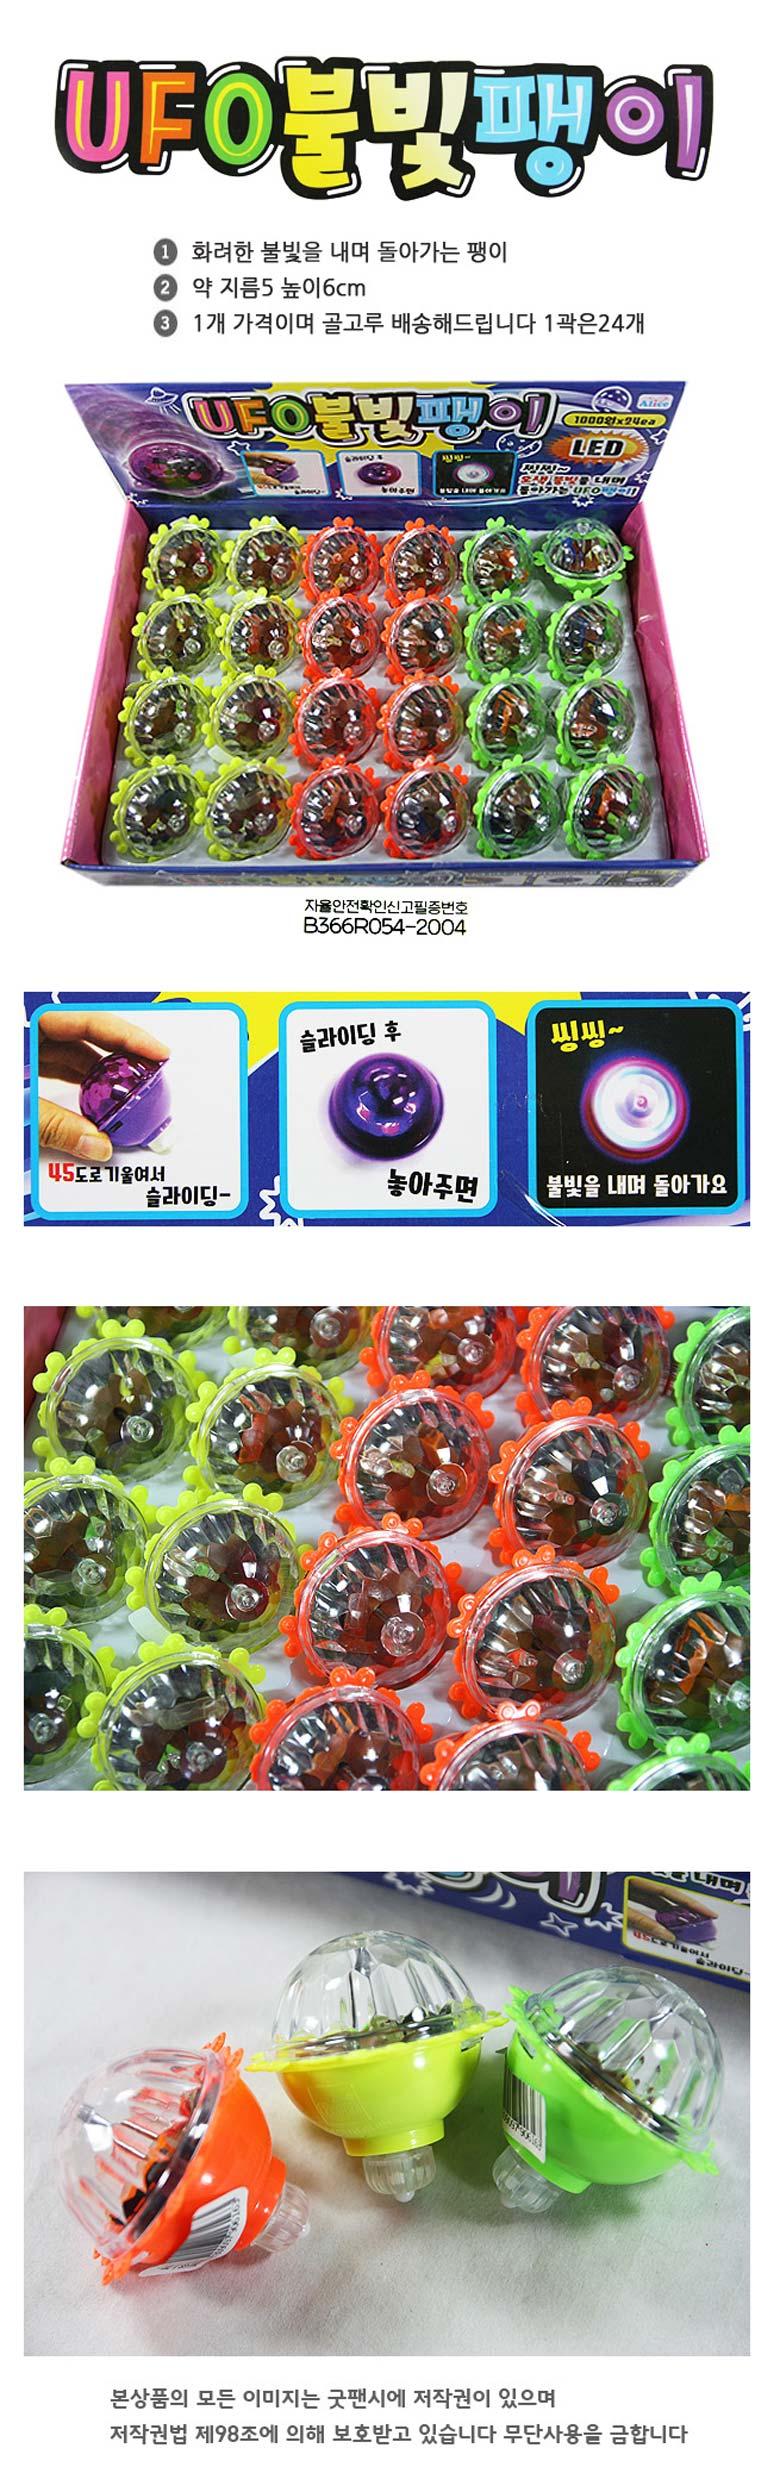 UFO불빛팽이 - 굿팬시, 1,000원, 아이디어 상품, 아이디어 상품